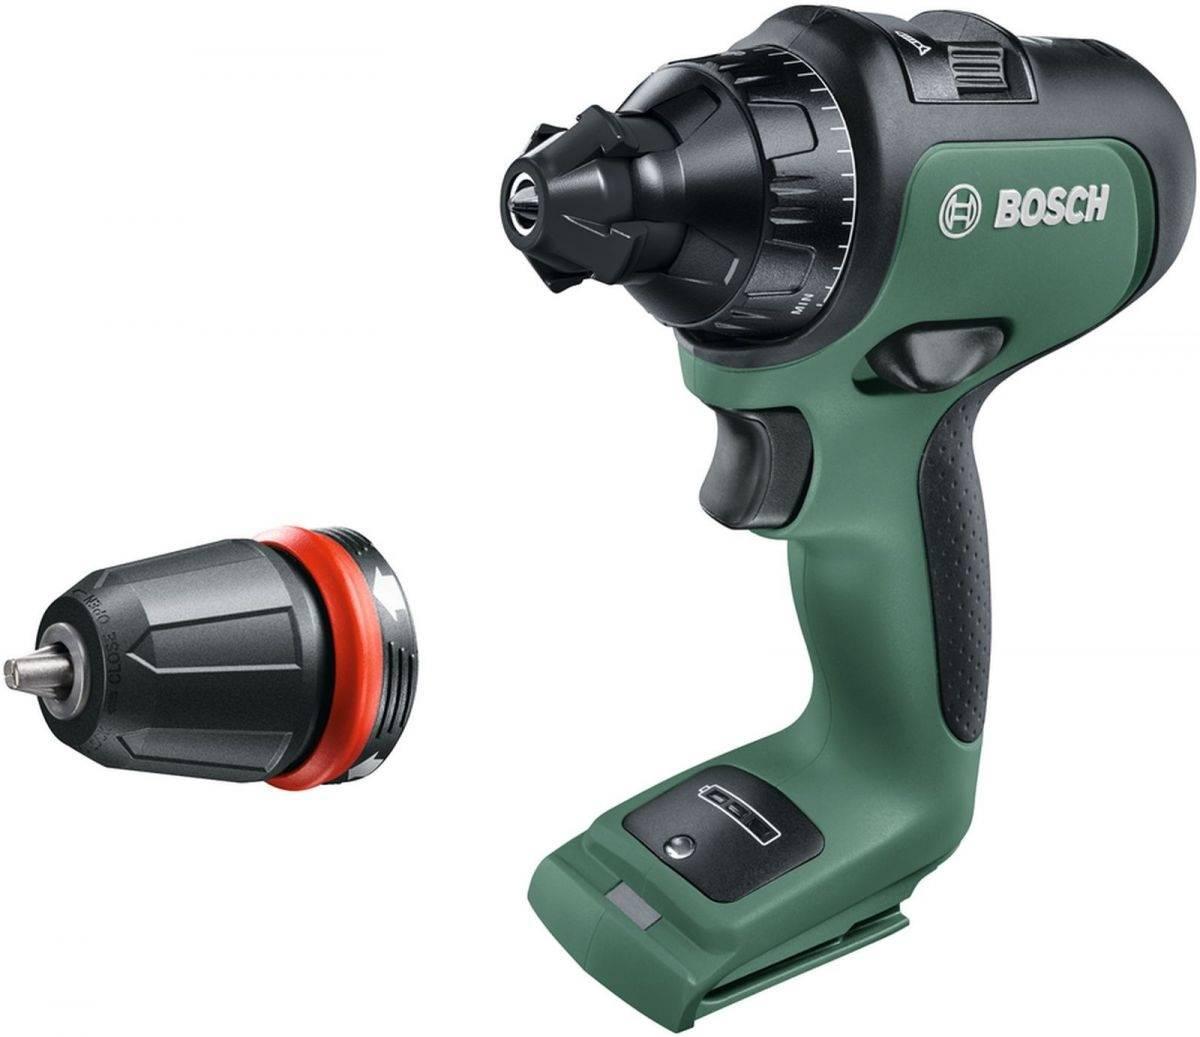 Дрель-шуруповерт Bosch AdvancedDrill 18 (06039B5004) - фото 1